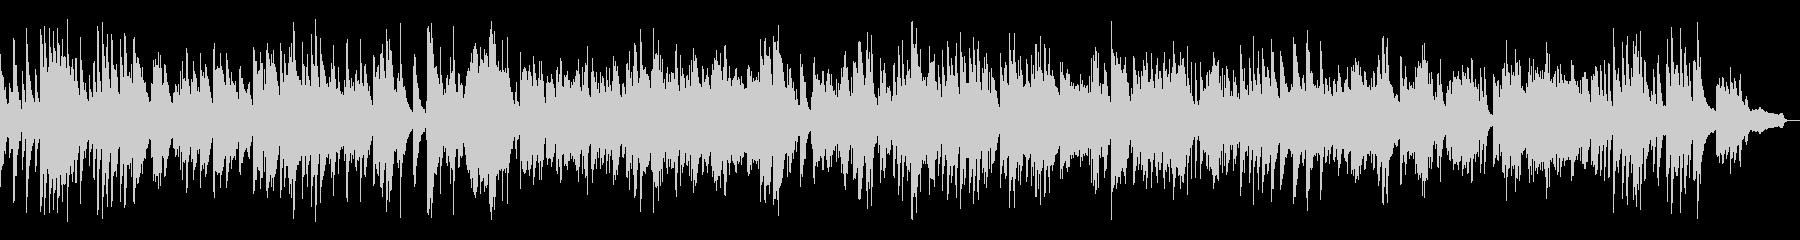 ジャズスタンダードソロピアノ生演奏の未再生の波形